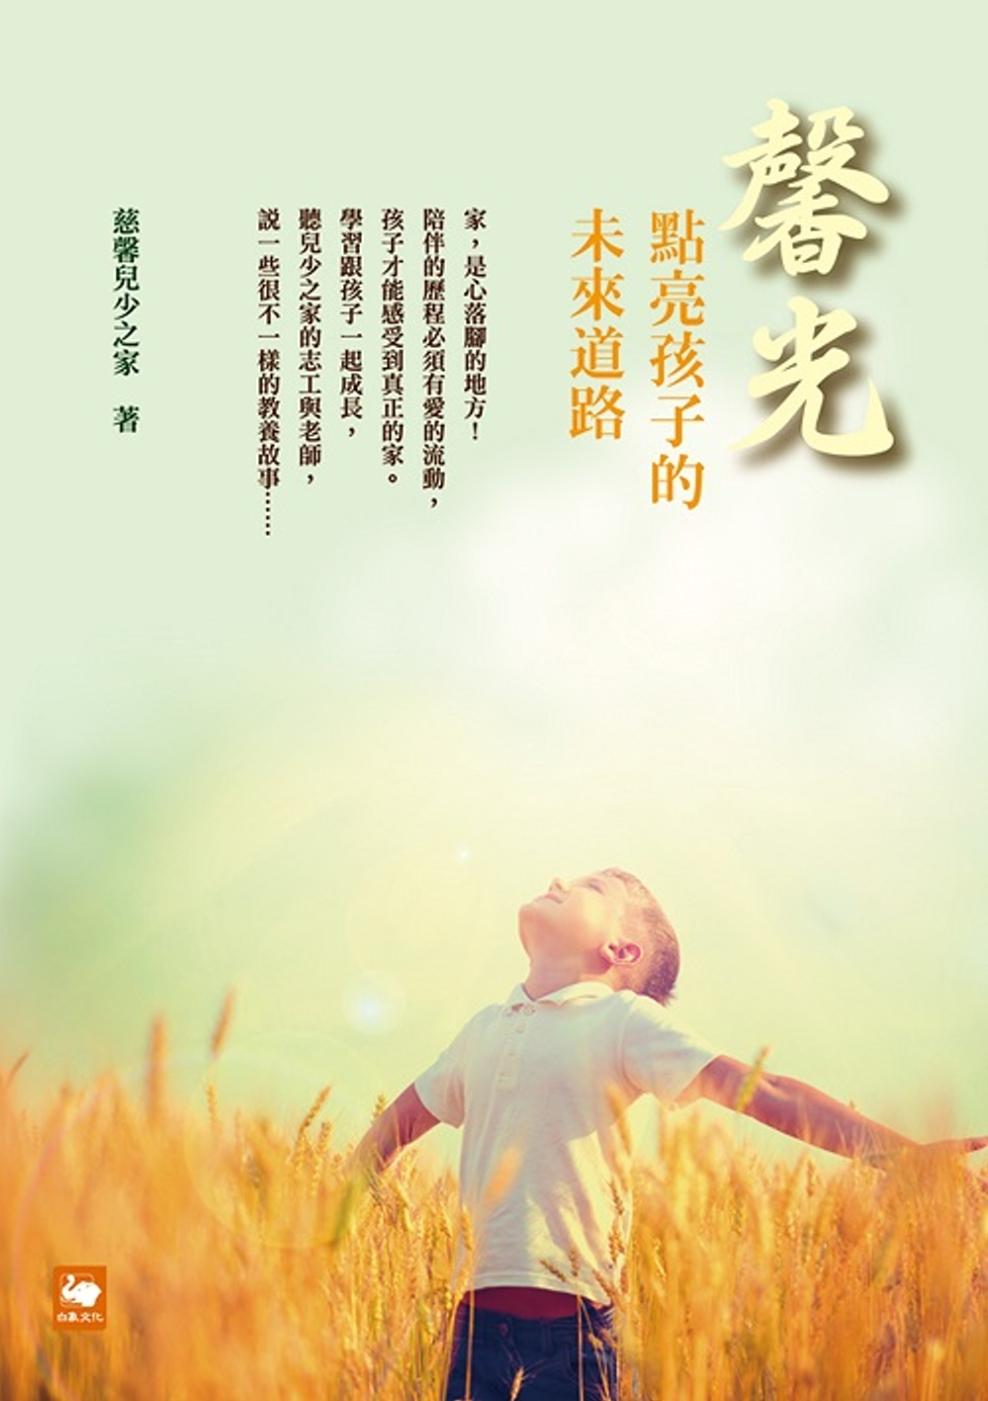 馨光:點亮孩子的未來道路